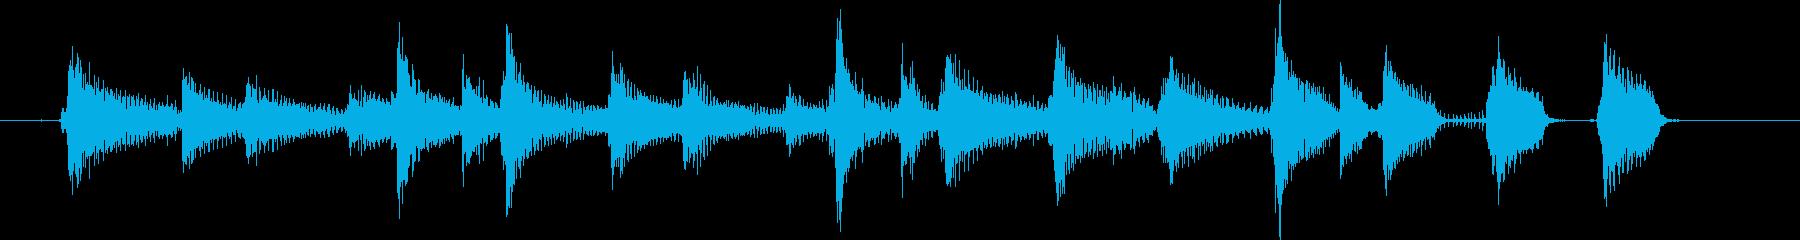 ウクレレとコンガのまったりなジングルの再生済みの波形